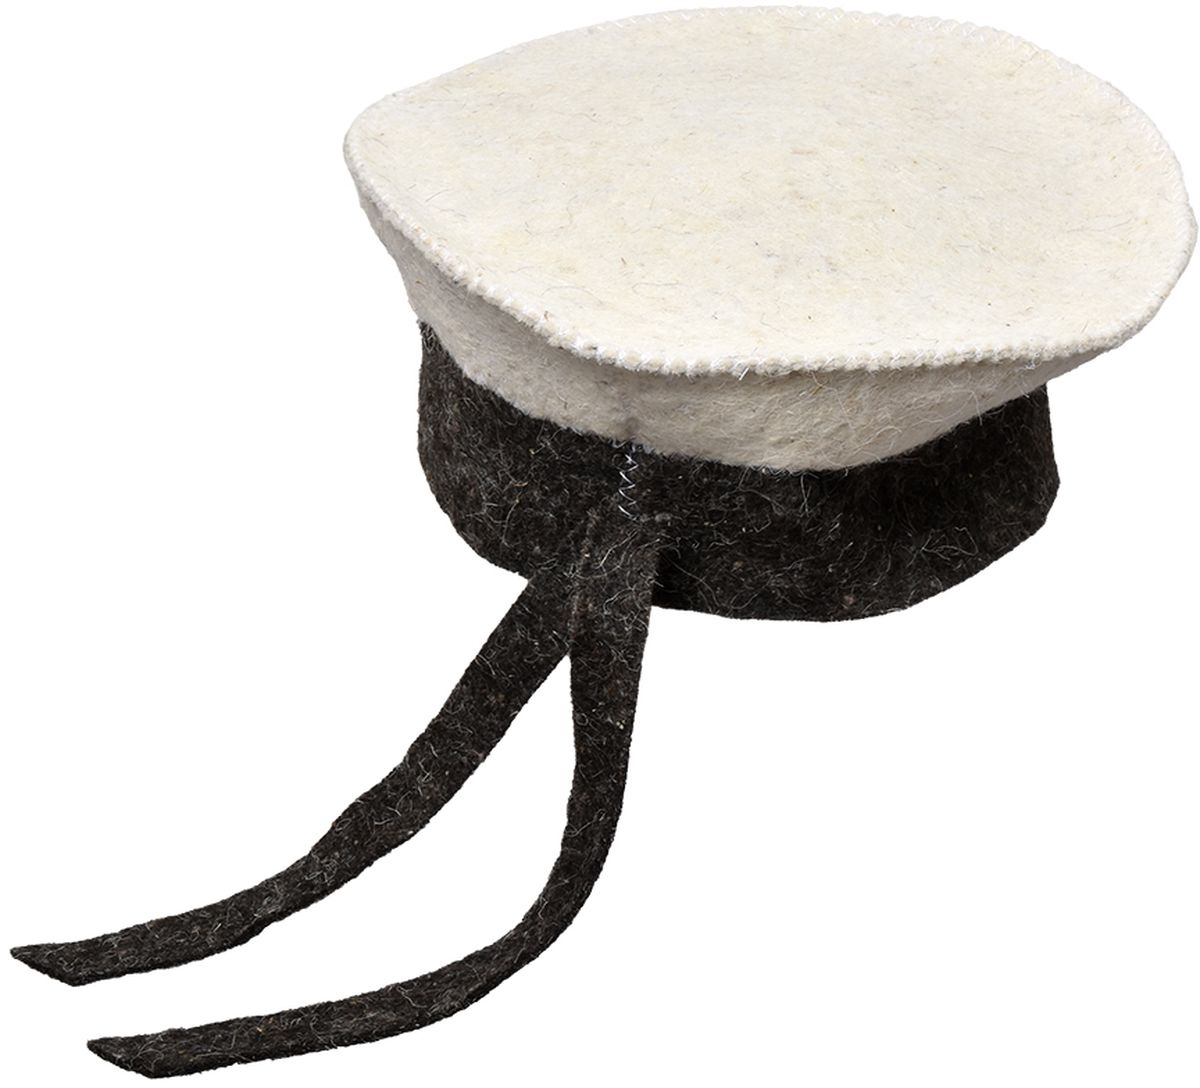 Шапка для бани и сауны Нot Pot Бескозырка КомбиC0042416Шапка для бани и сауны Hot Pot — это необходимый аксессуар при посещении парной. Такая шапка защитит от головокружения и перегрева головы, а также предотвратит ломкость и сухость волос. Изделие замечательно впитывает влагу, хорошо сидит на голове, обеспечивает комфорт и удовольствие от отдыха в парилке. Незаменима в традиционной русской бане, также используется в финских саунах, где температура сухого воздуха может достигать 100°С. Шапка выполнена в оригинальном дизайне.